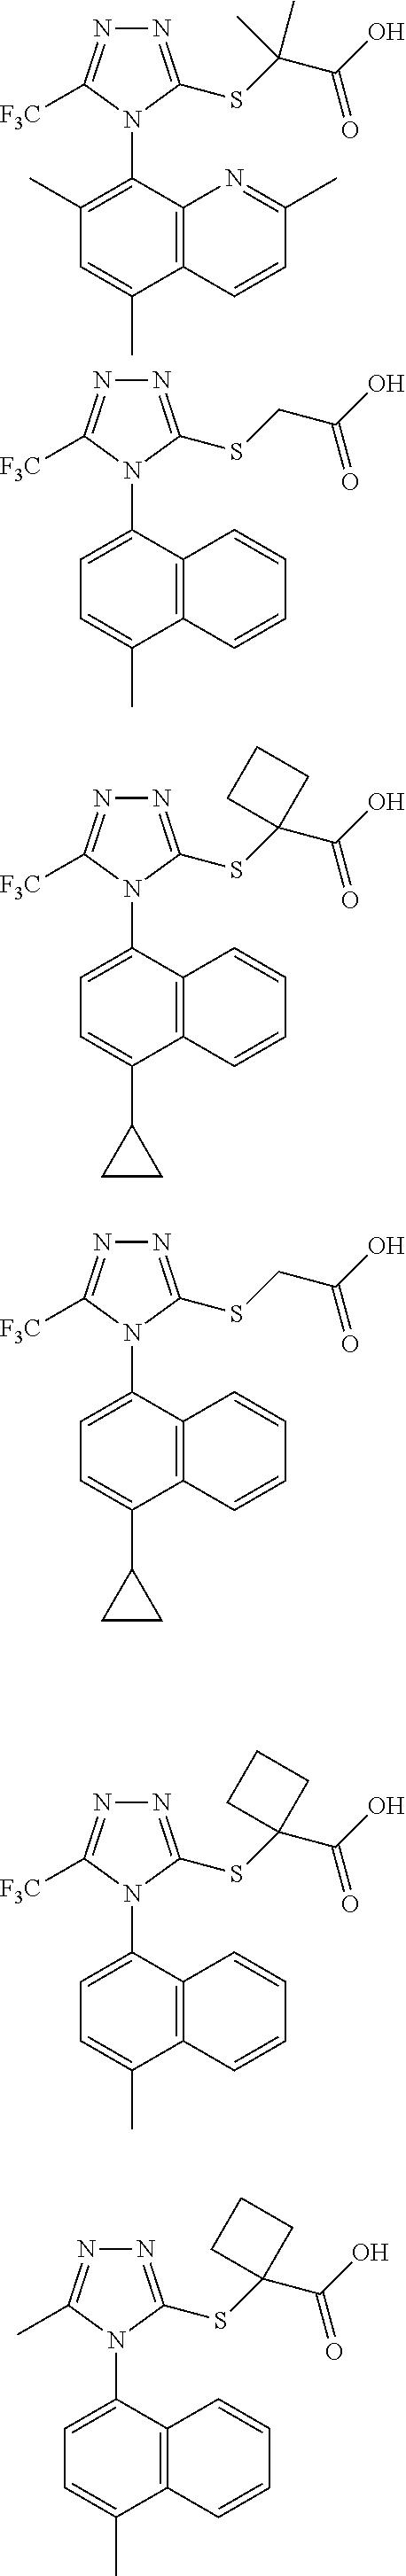 Figure US08283369-20121009-C00039